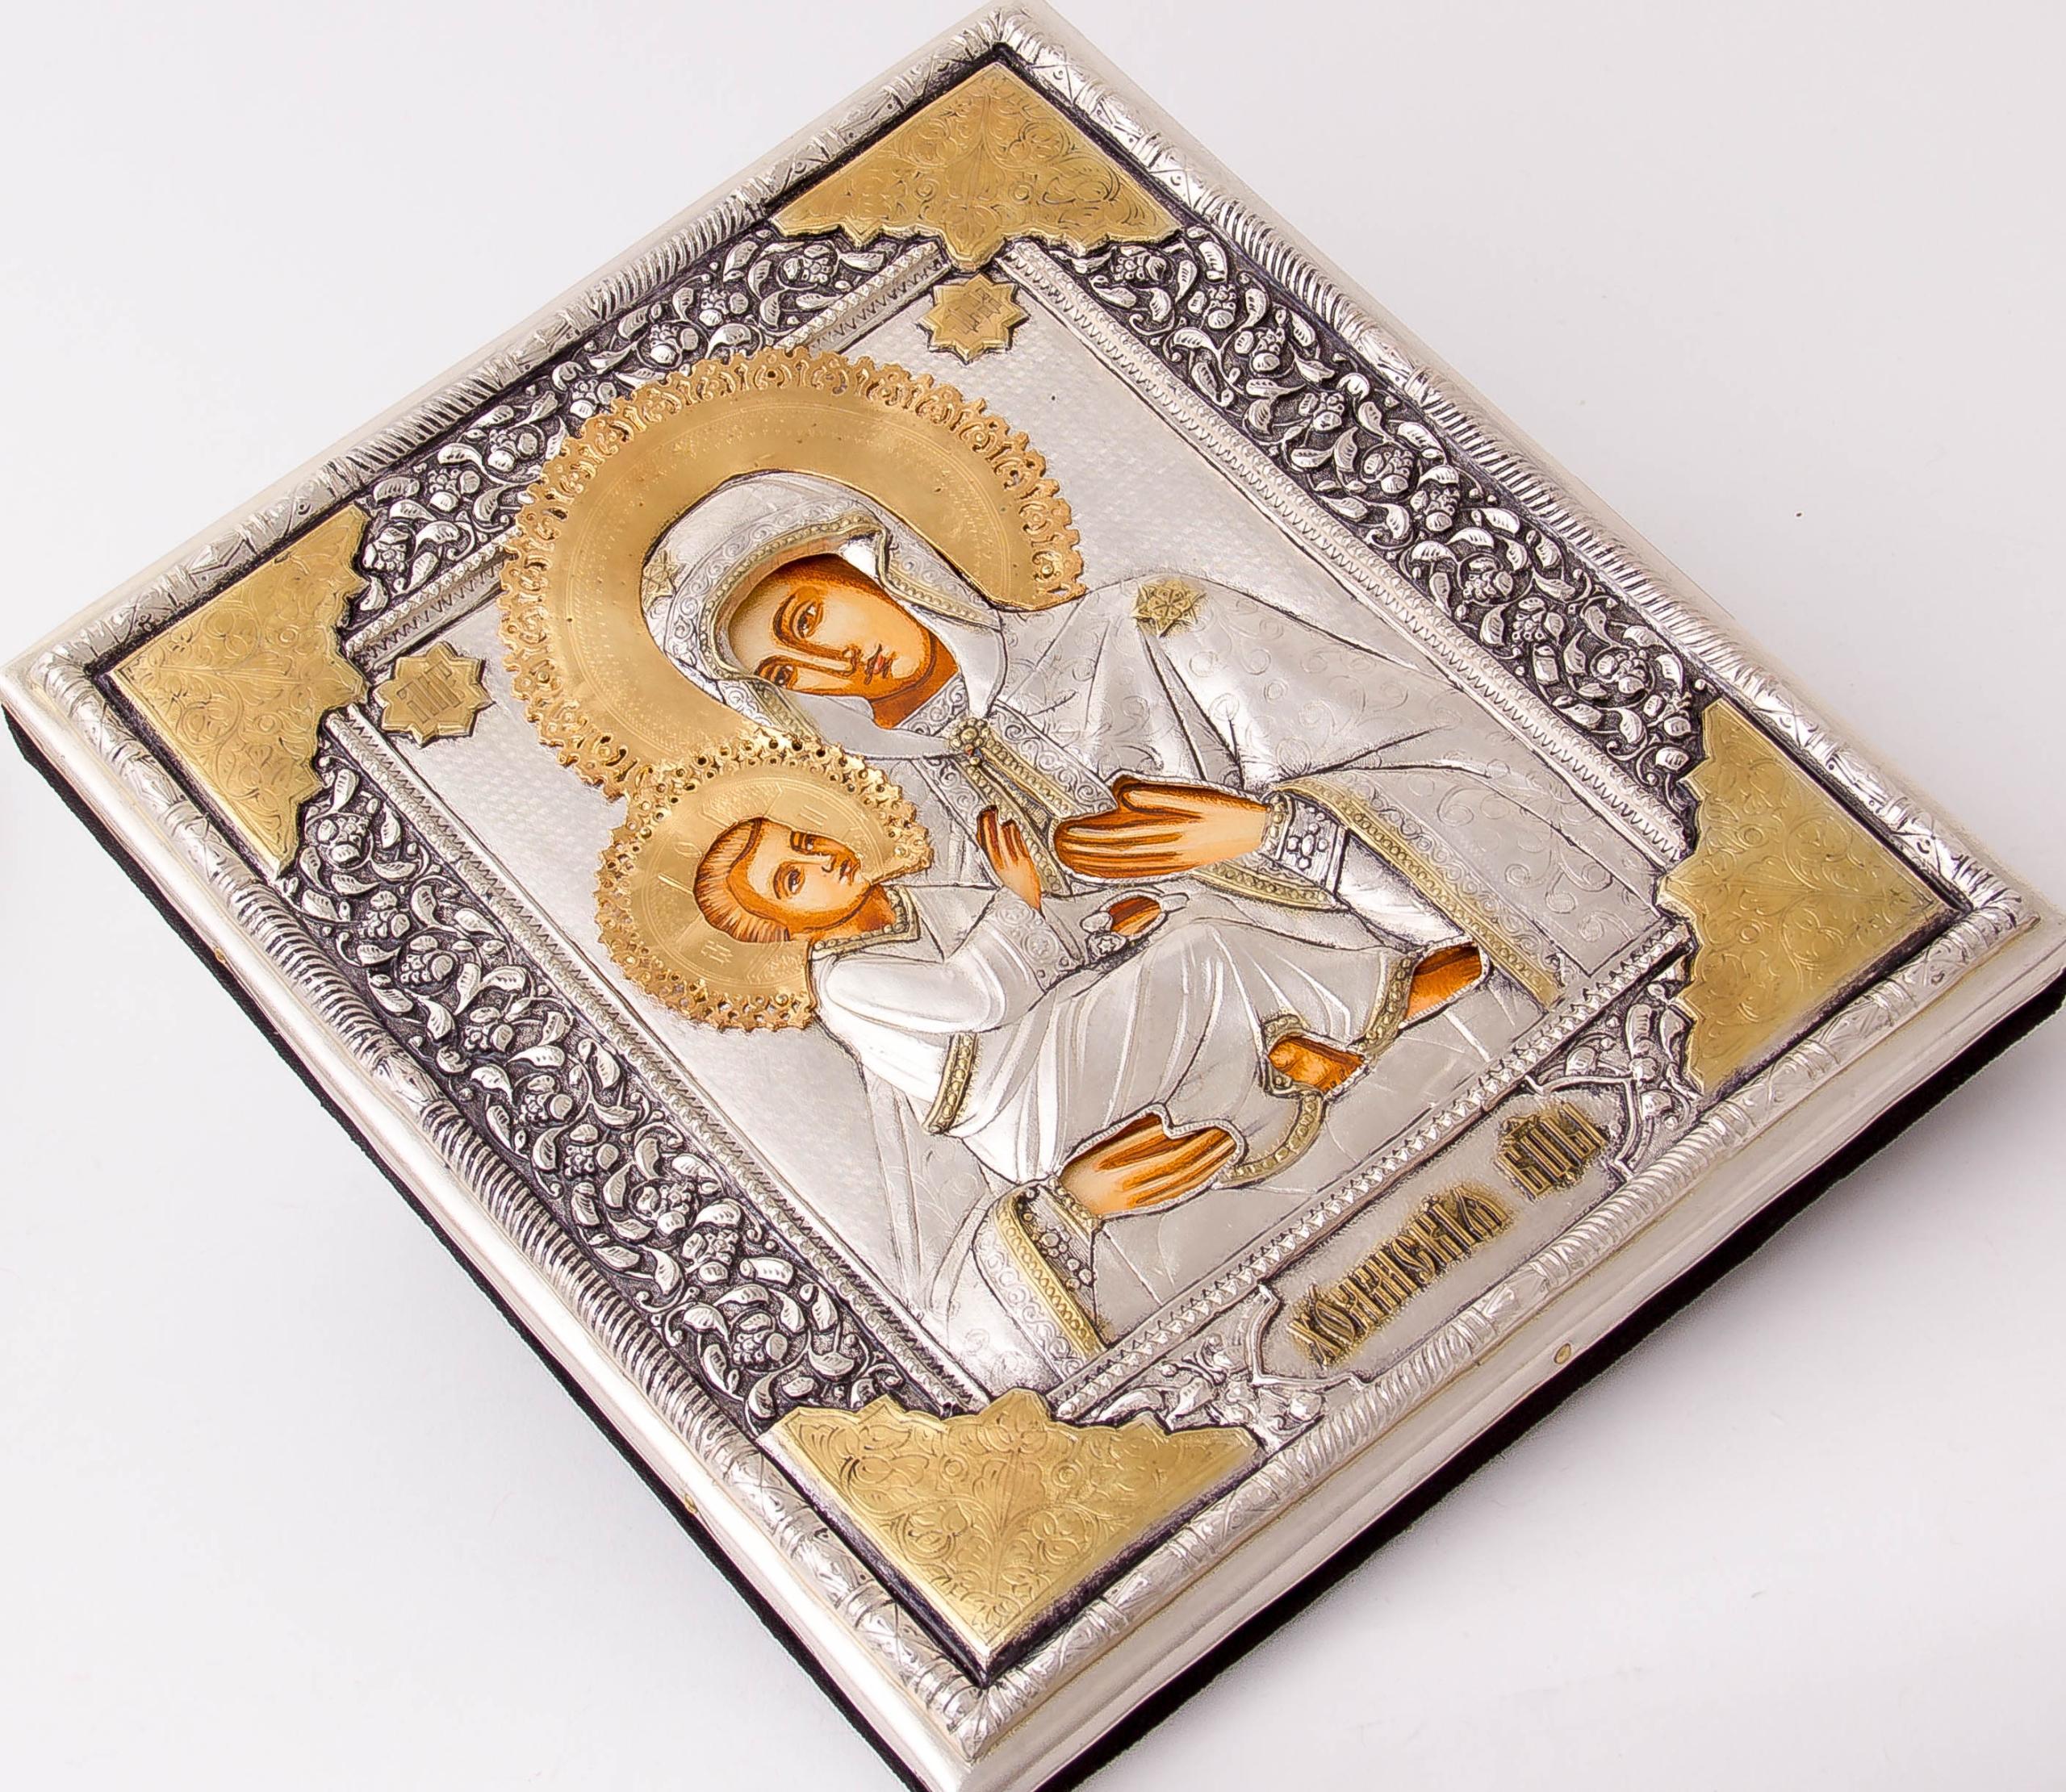 Ikona Matki Bożej Chełmskiej DEDYKACJA DUŻA nr 92 Artysta ABA Cuprum Piotr Adamczyk